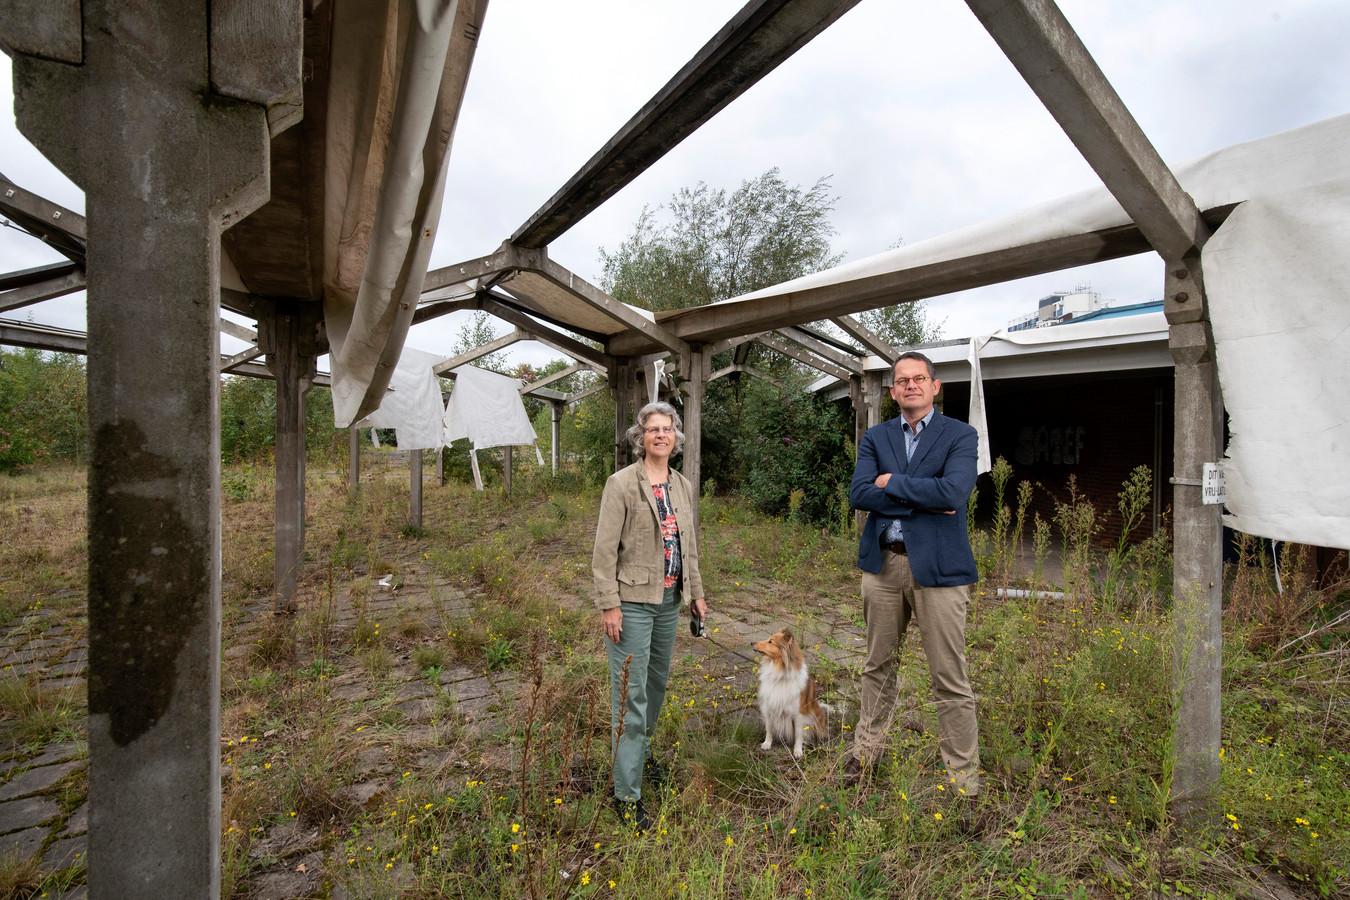 Loes Nierop (l), hond Ayla (m) en Hubert Slings (r) op de plaats van de voormalige fietsenstalling bij het portiersgebouw van Enka aan de Beeldhouwerstraat in Arnhem. In het kader van de metamorfose van het voormalige fabrieksterrein willen de bewoners van de wijk Plattenburg het gebouwtje revitaliseren.